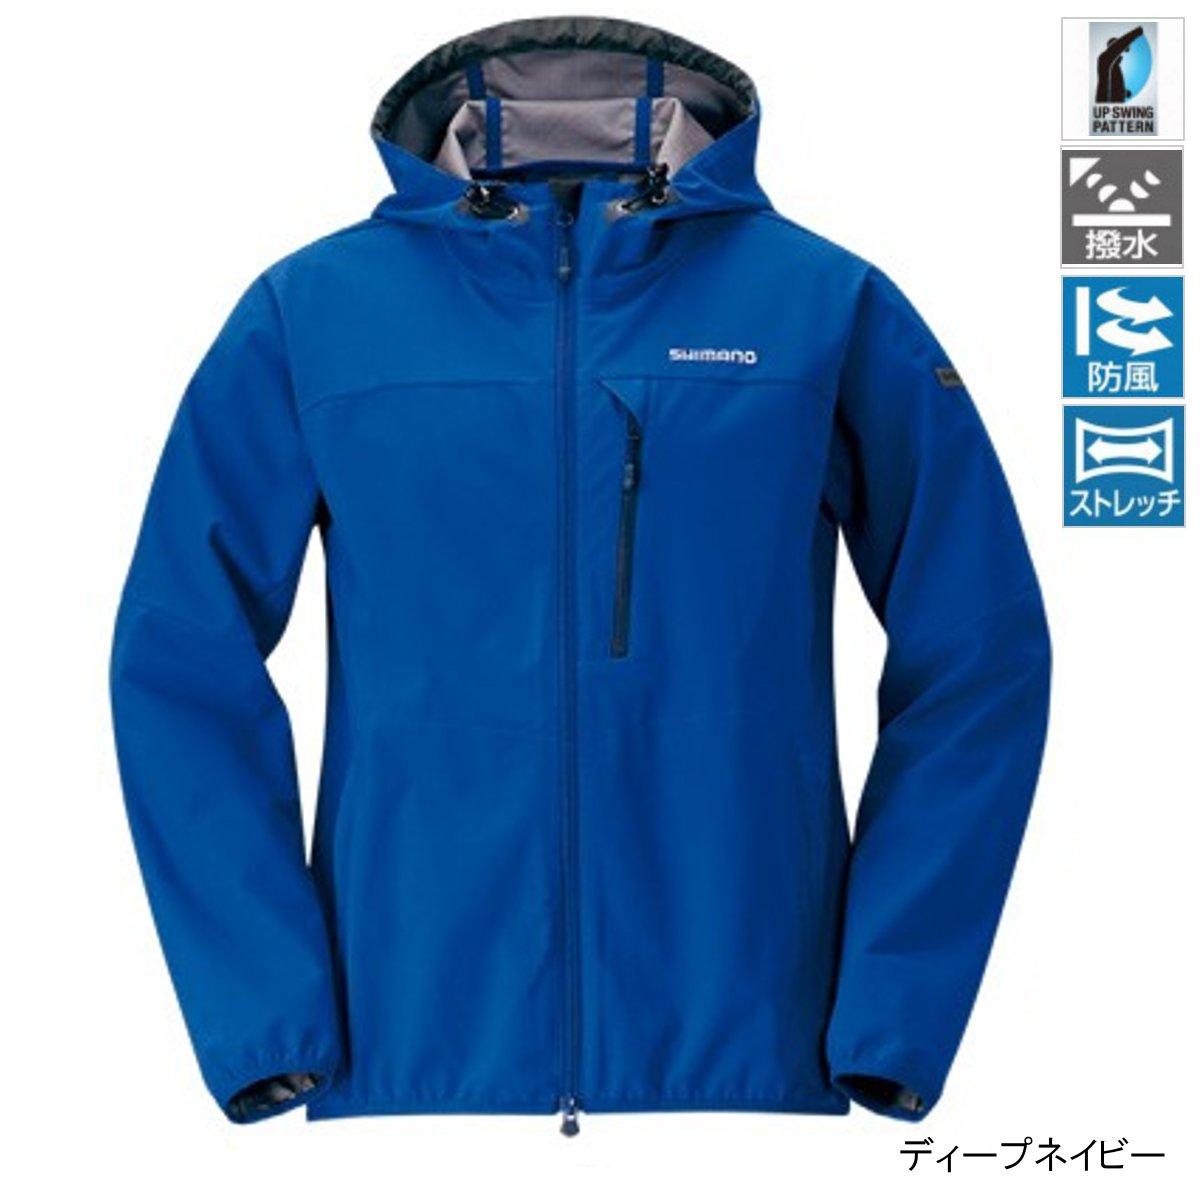 シマノ ストレッチ 3レイヤーフーディ ジャケット JA-040Q L ディープネイビー(東日本店)